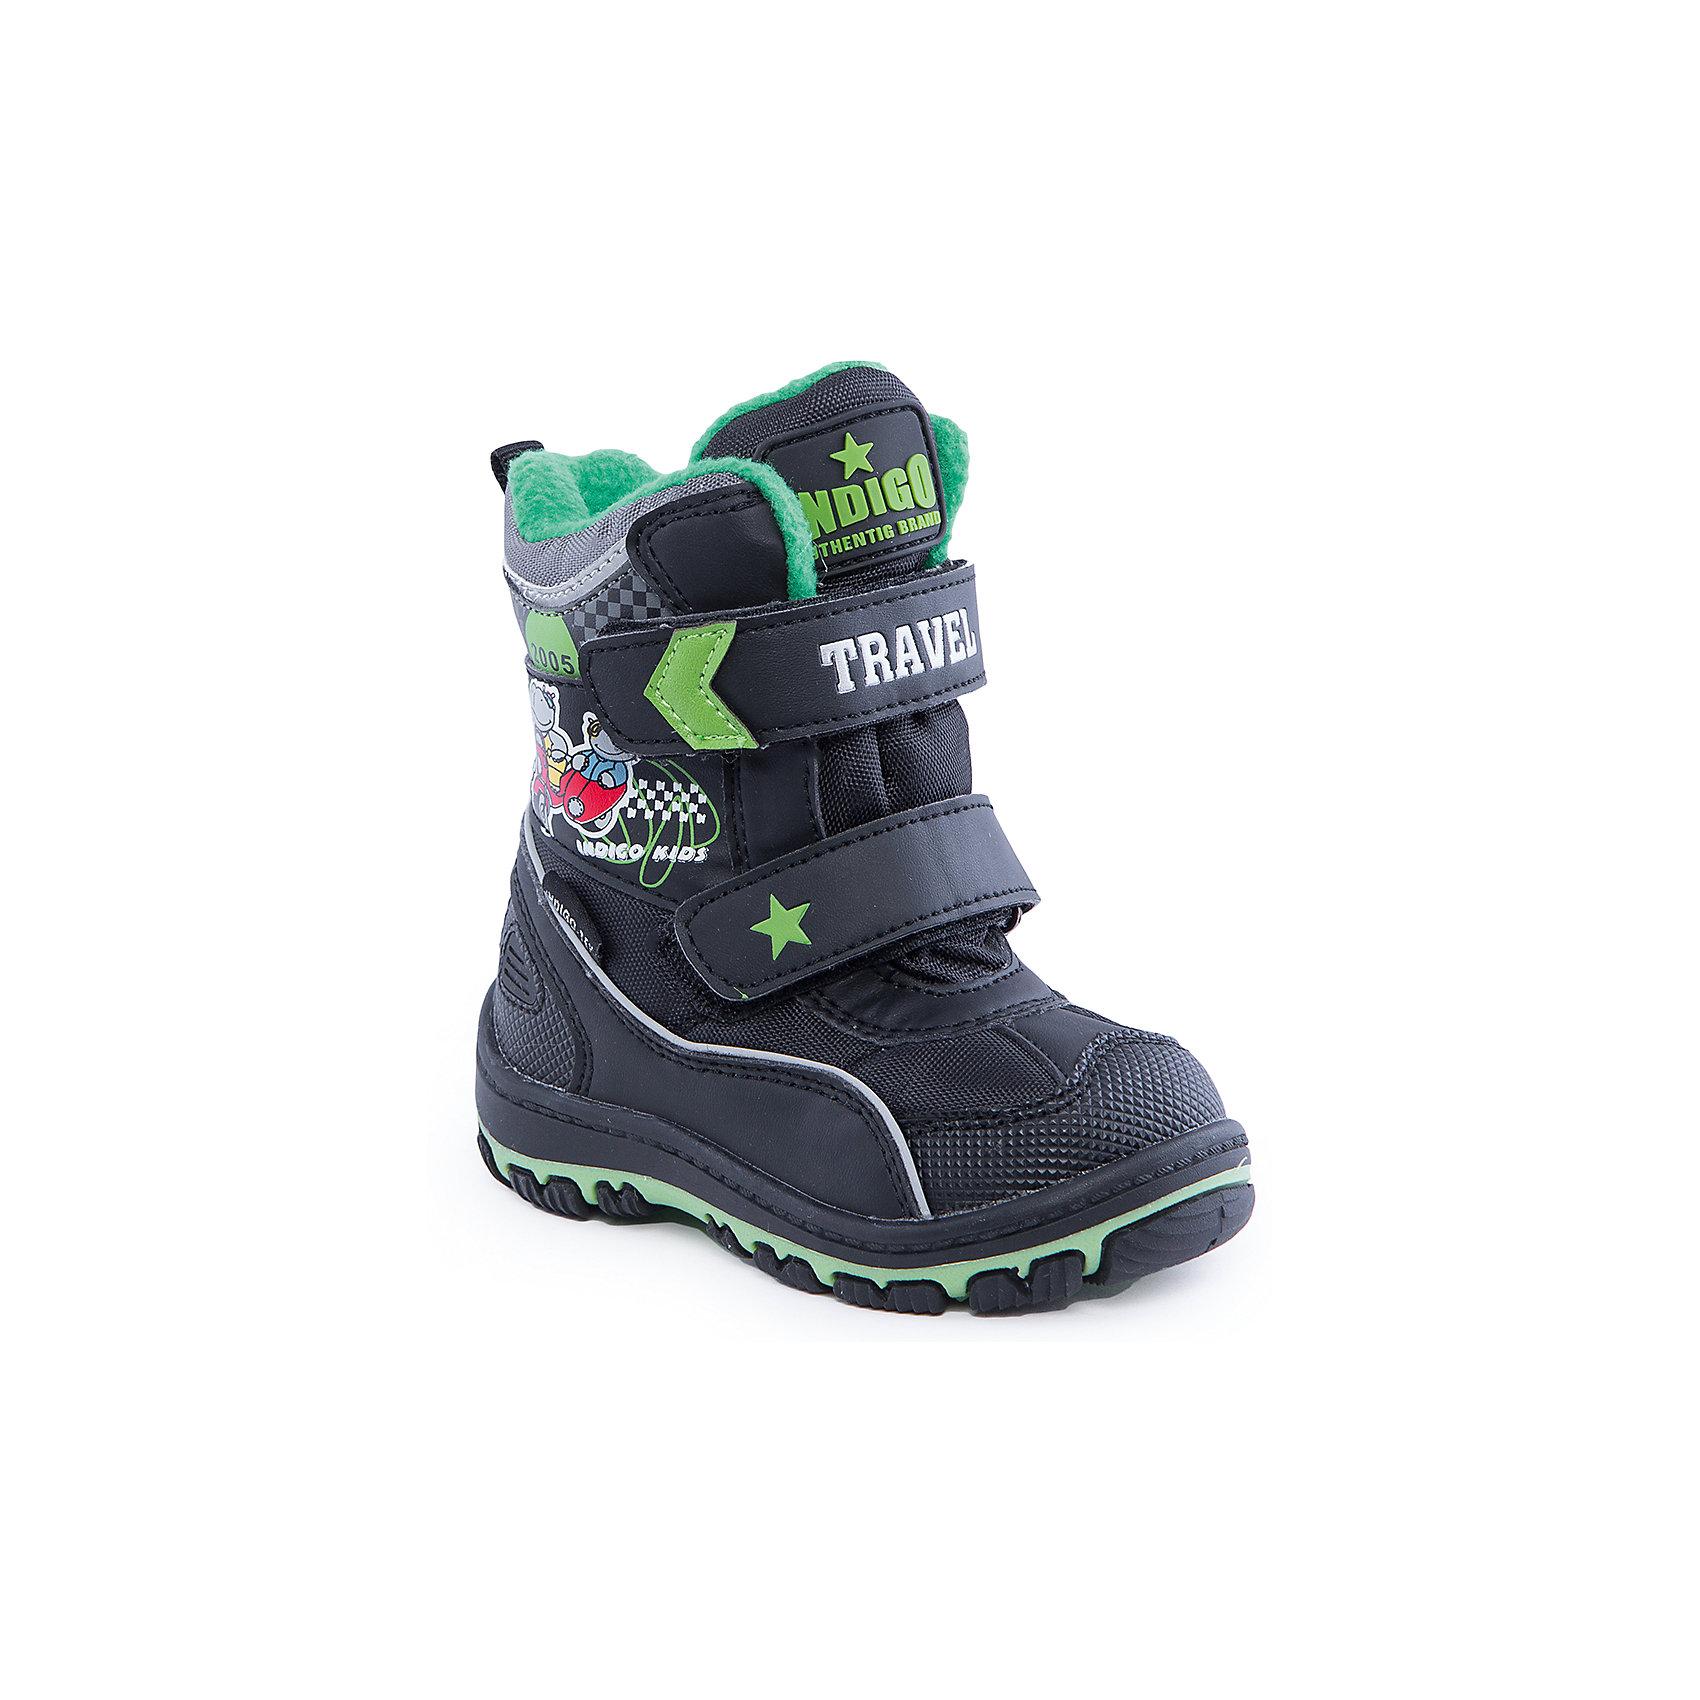 Сапоги для мальчика Indigo kidsСапоги для мальчика от известного  бренда Indigo kids<br><br>Утепленные сапоги помогут защитить детские ножки от сырости и холода.  Они легко надеваются, комфортно садятся по ноге. <br>Сапоги сделаны с применением технологии INDIGO TEX – это мембранный материал, выводящий влагу из обуви наружу, но не позволяющий сырости проникать внутрь.<br><br>Особенности модели:<br><br>- цвет - черный;<br>- стильный дизайн;<br>- защита пятки и пальцев;<br>- удобная колодка;<br>- подкладка шерстяная;<br>- вставка с тематическим изображением гонки;<br>- мембрана INDIGO TEX;<br>- устойчивая рифленая подошва;<br>- застежки - липучки.<br><br>Дополнительная информация:<br><br>Температурный режим:<br>от -15° С до +5° С<br><br>Состав:<br><br>верх – текстиль/искусственная кожа;<br>подкладка - шерсть;<br>подошва - полимер.<br><br>Сапоги для мальчика Indigo kids (Индиго Кидс) можно купить в нашем магазине.<br><br>Ширина мм: 257<br>Глубина мм: 180<br>Высота мм: 130<br>Вес г: 420<br>Цвет: черный<br>Возраст от месяцев: 15<br>Возраст до месяцев: 18<br>Пол: Мужской<br>Возраст: Детский<br>Размер: 22,27,26,25,24,23<br>SKU: 4340545